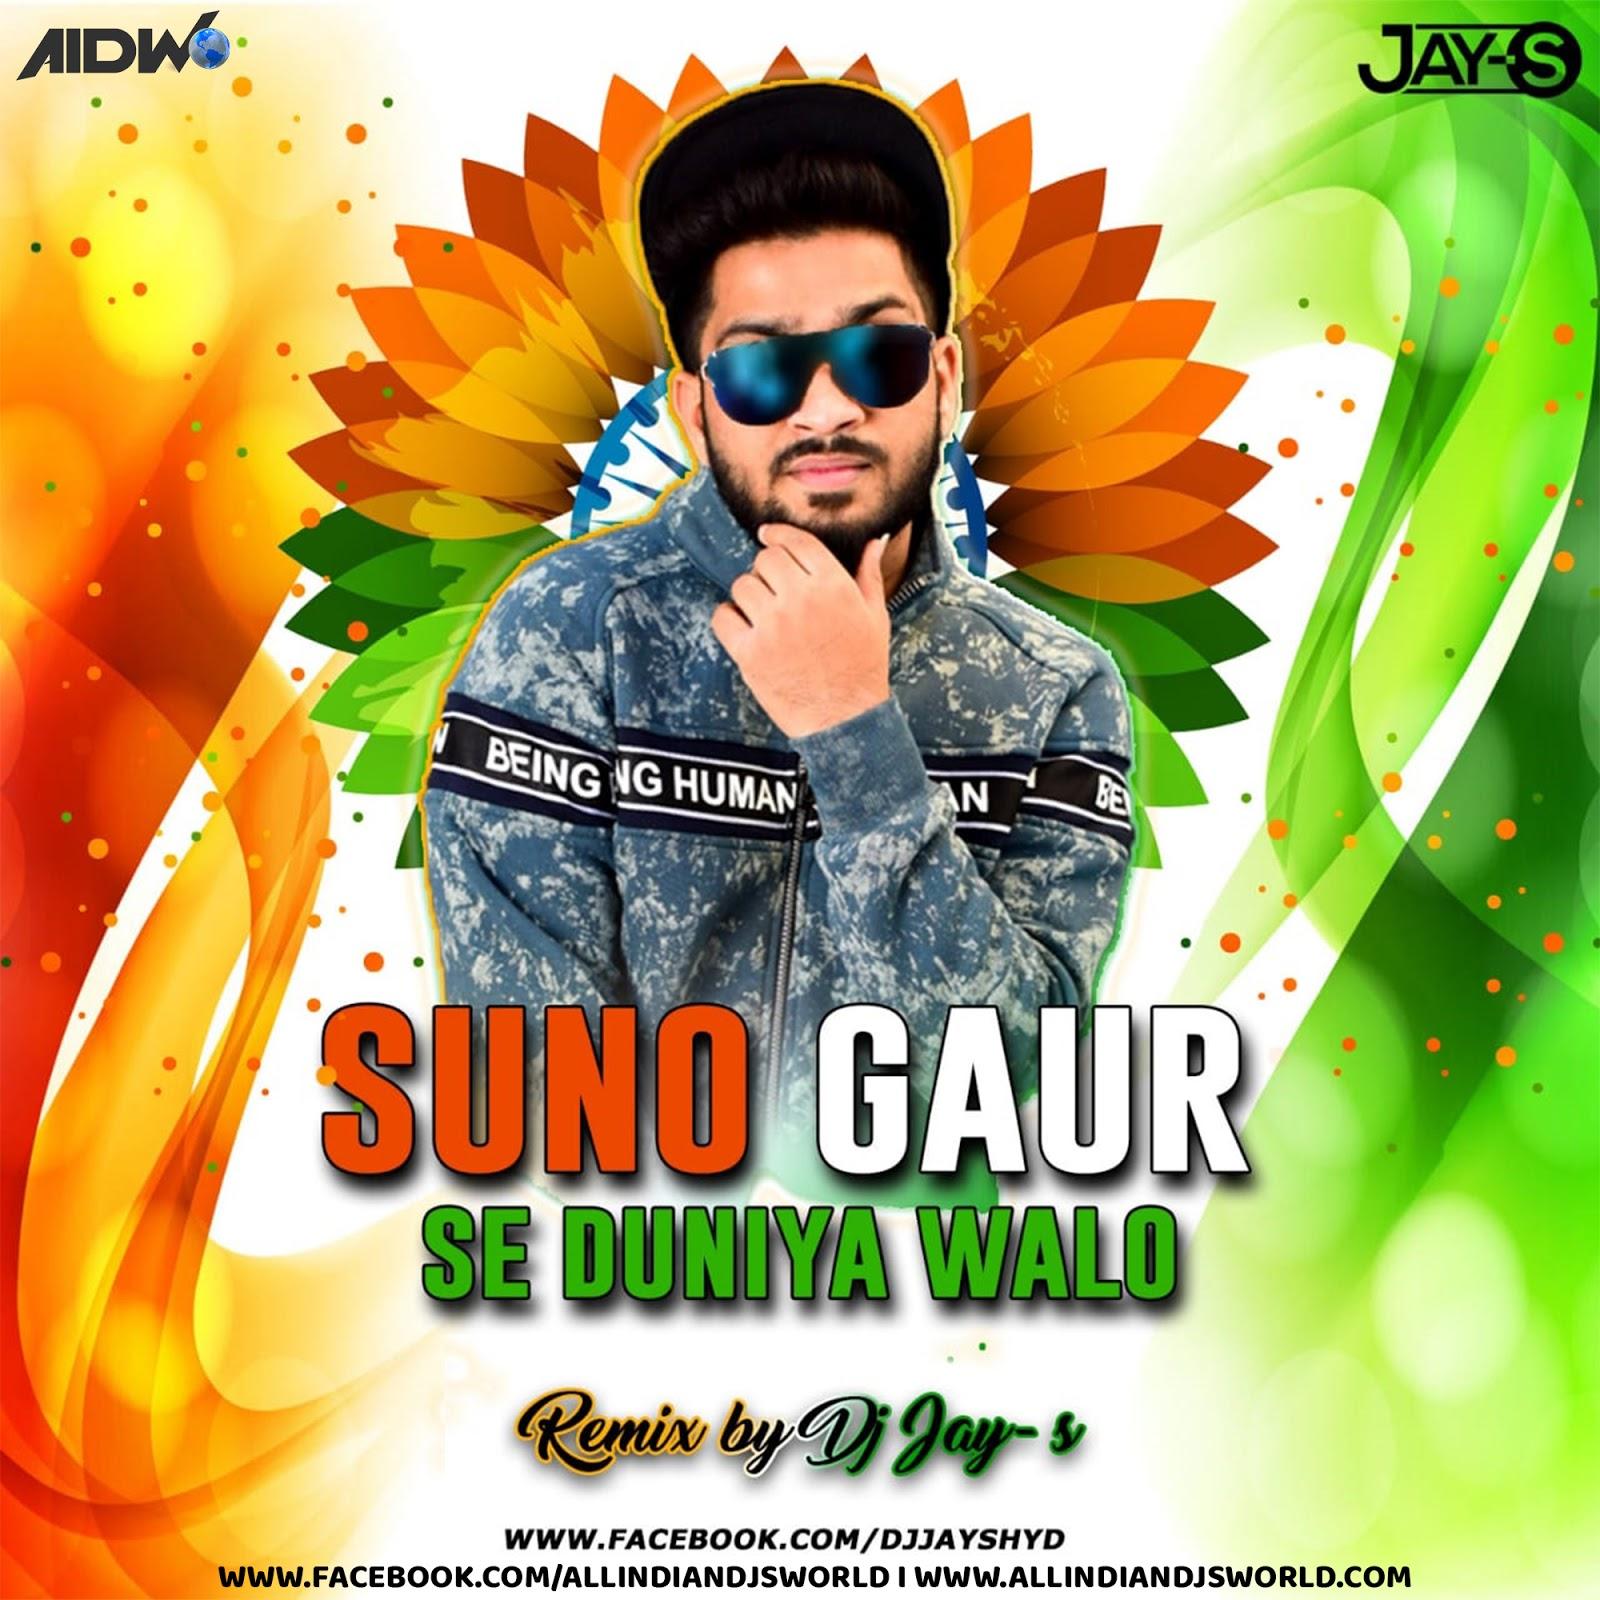 Suno Gaur Se Duniya Walo DJ JAY S Remix - ALL INDIAN DJS WORLD